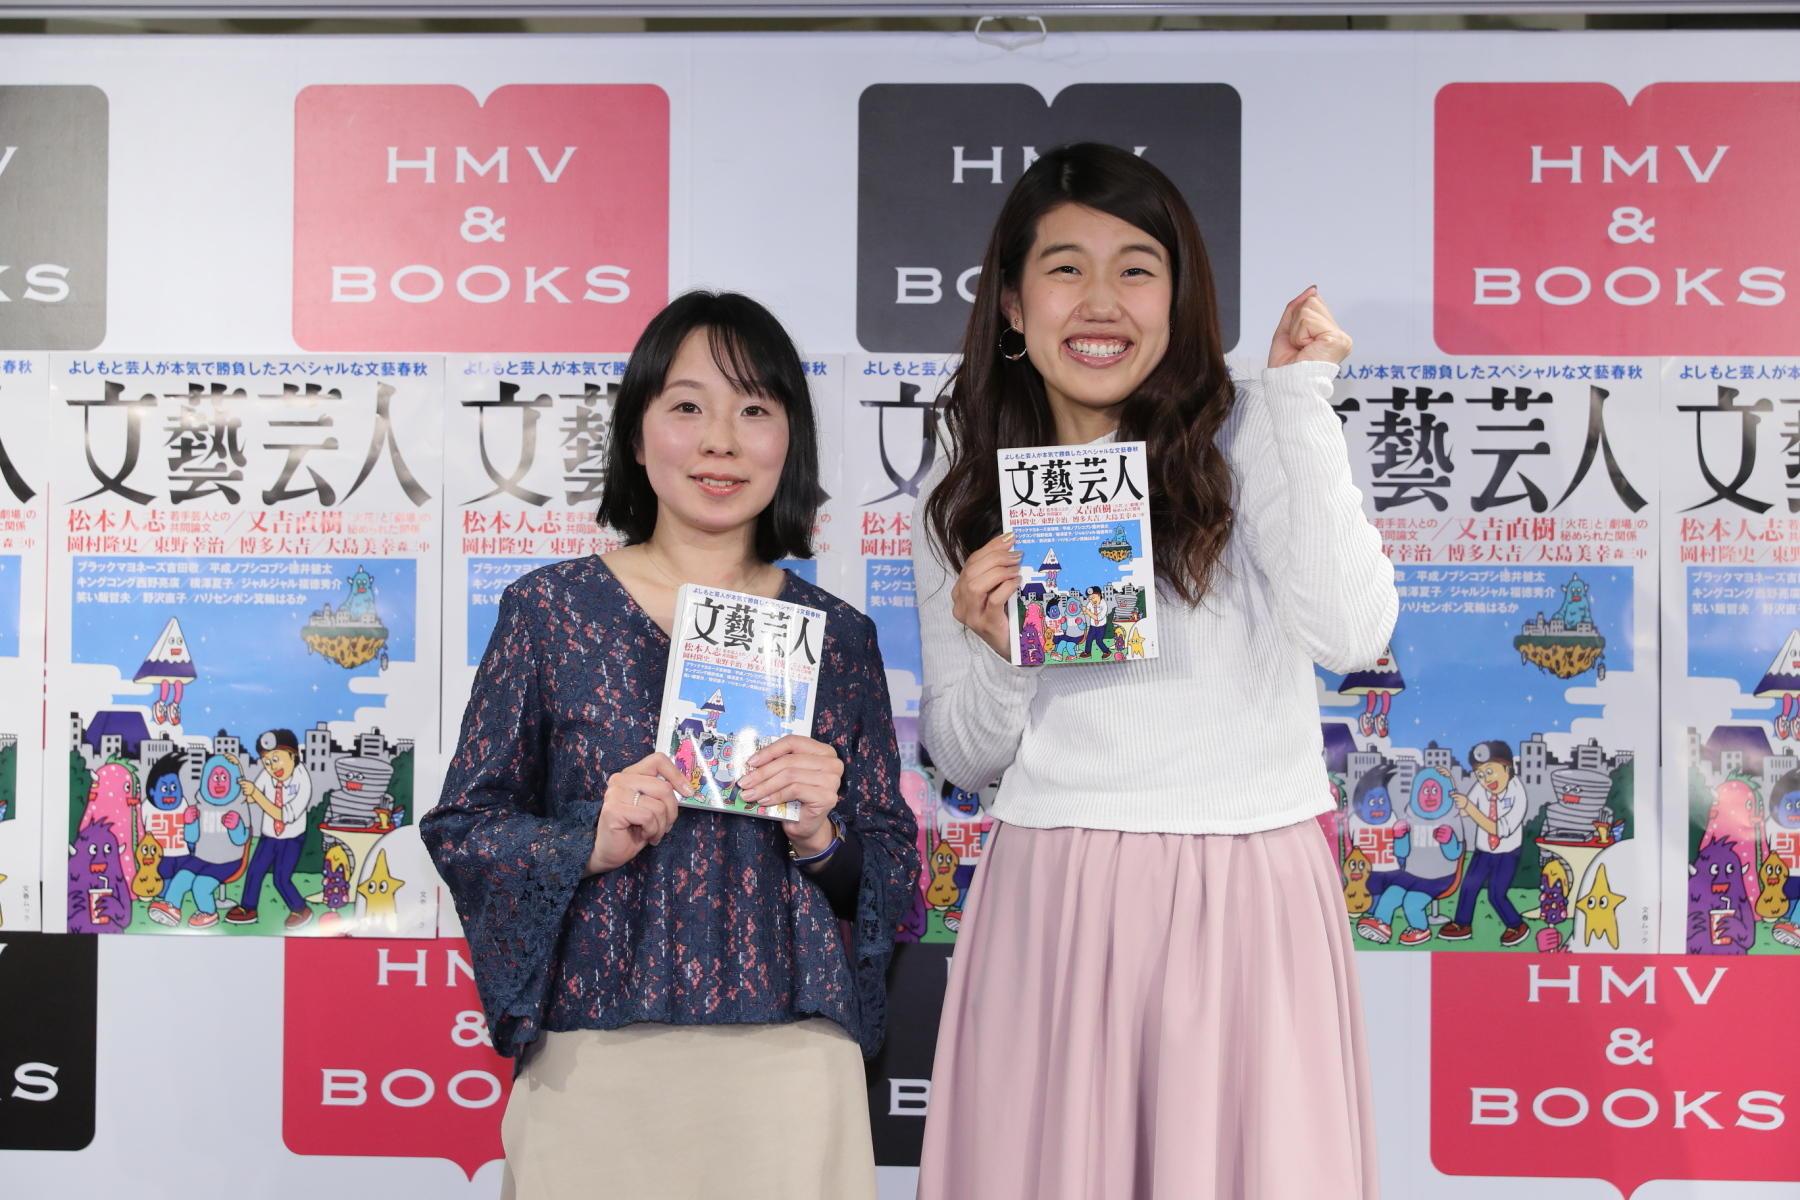 http://news.yoshimoto.co.jp/20170330195624-5520643764641454967200dc01110a5487b6cb45.jpg